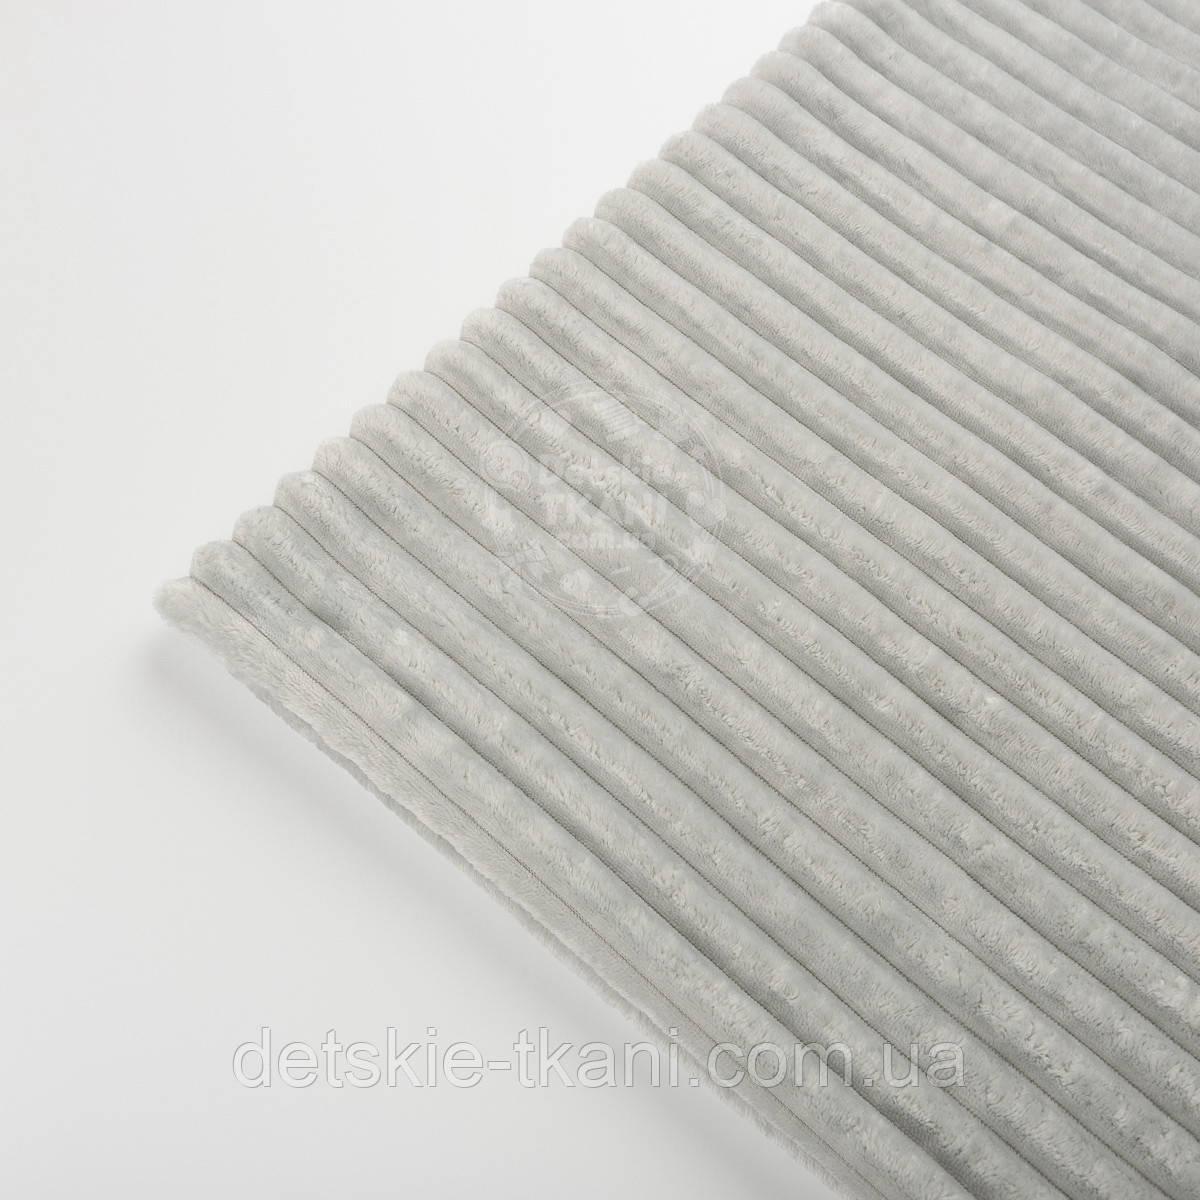 Клаптик плюшу в смужку stripes світло-сірого кольору, розмір 40 * 160 см (є забруднення)